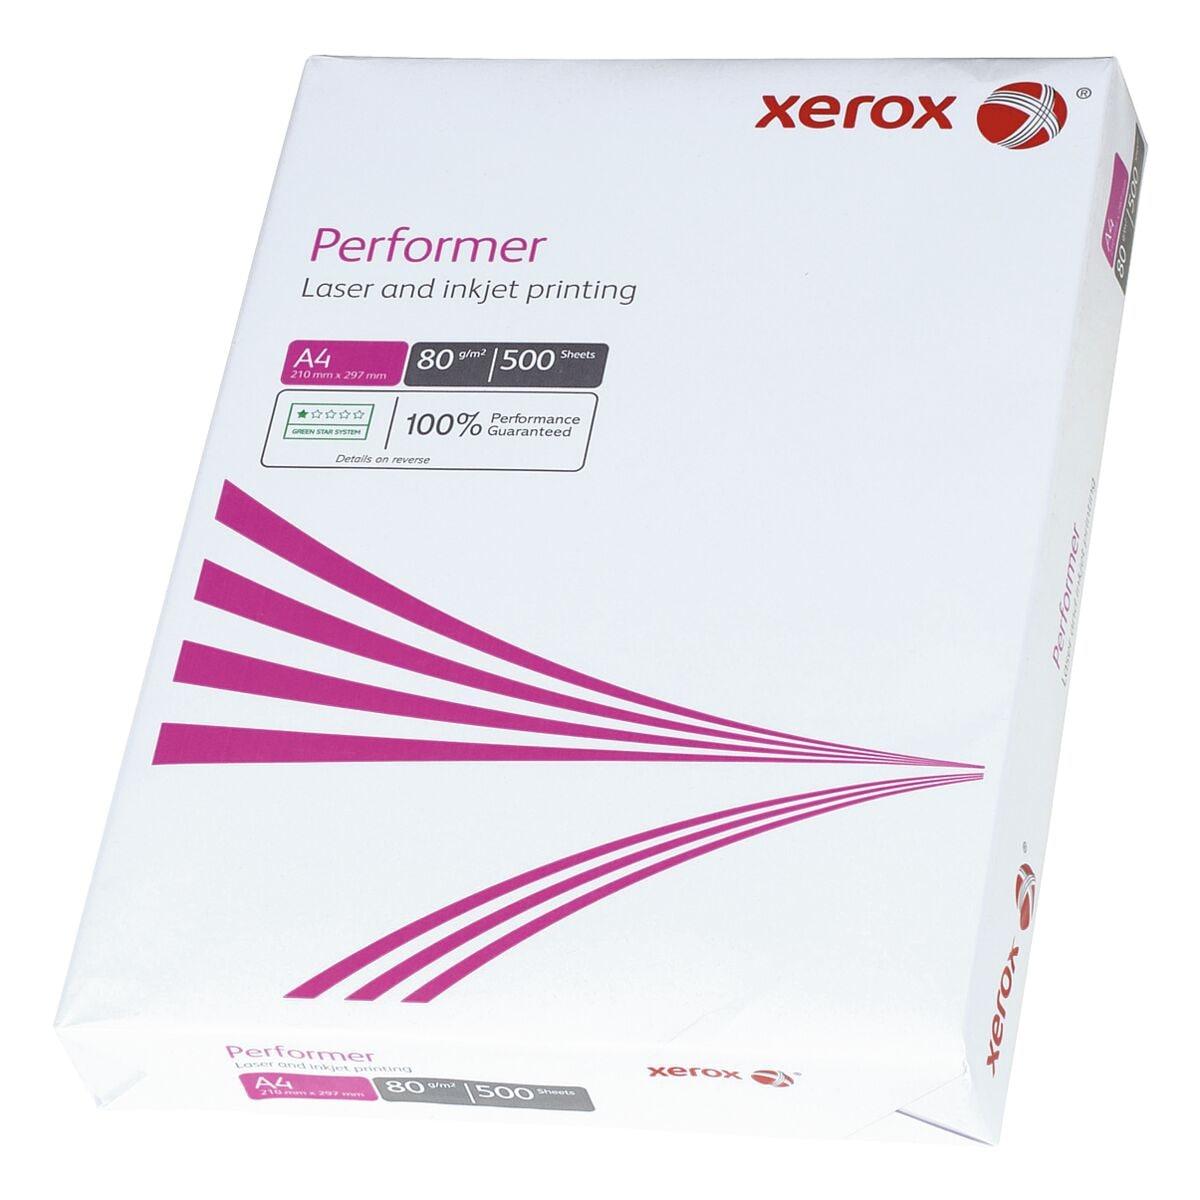 Kopierpapier A4 Xerox Performer - 500 Blatt gesamt, 80g/qm